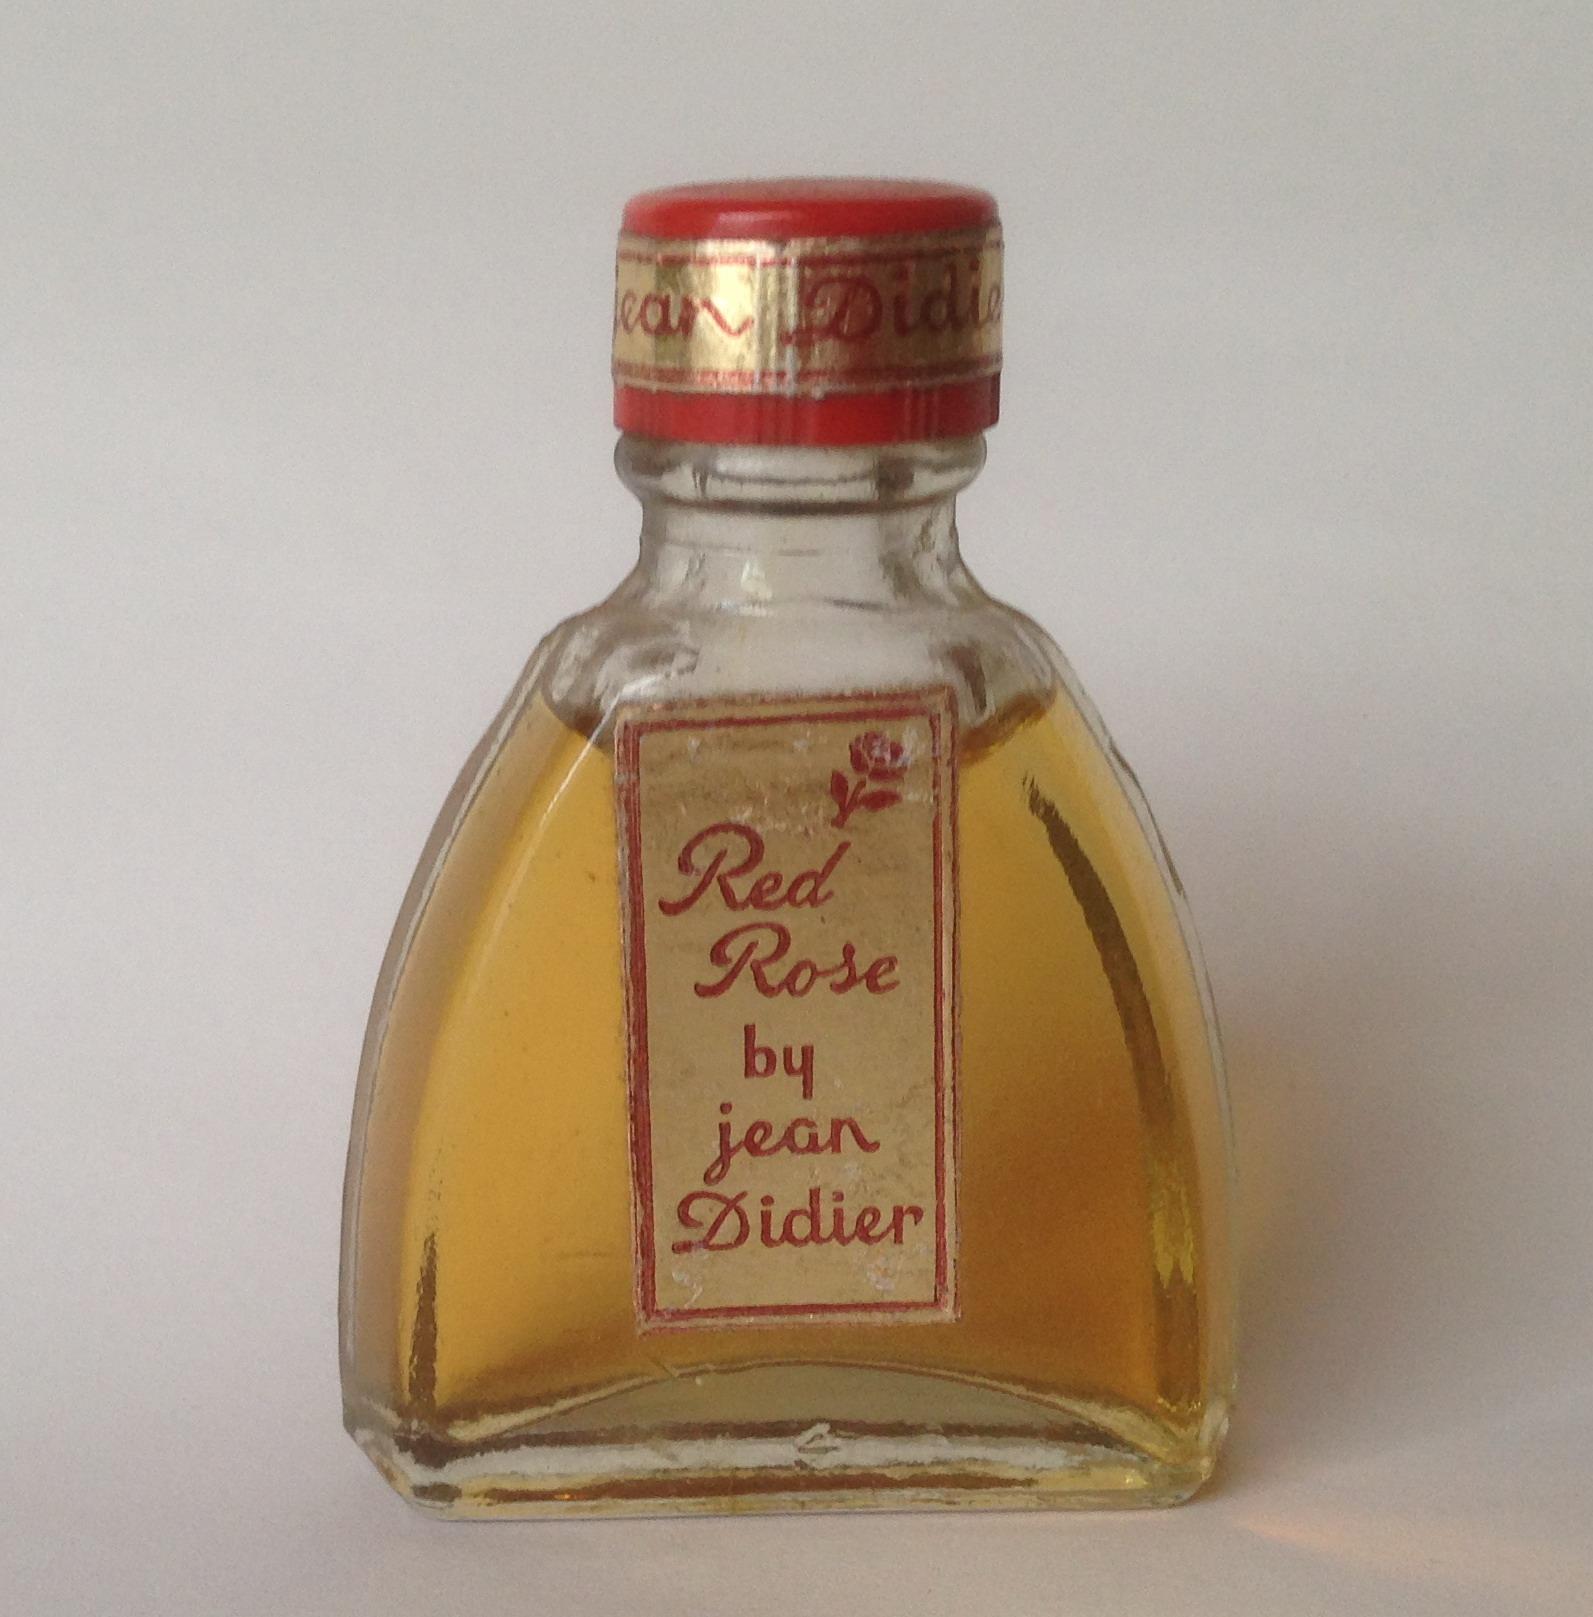 Jean Didier - Red Rose Perfume